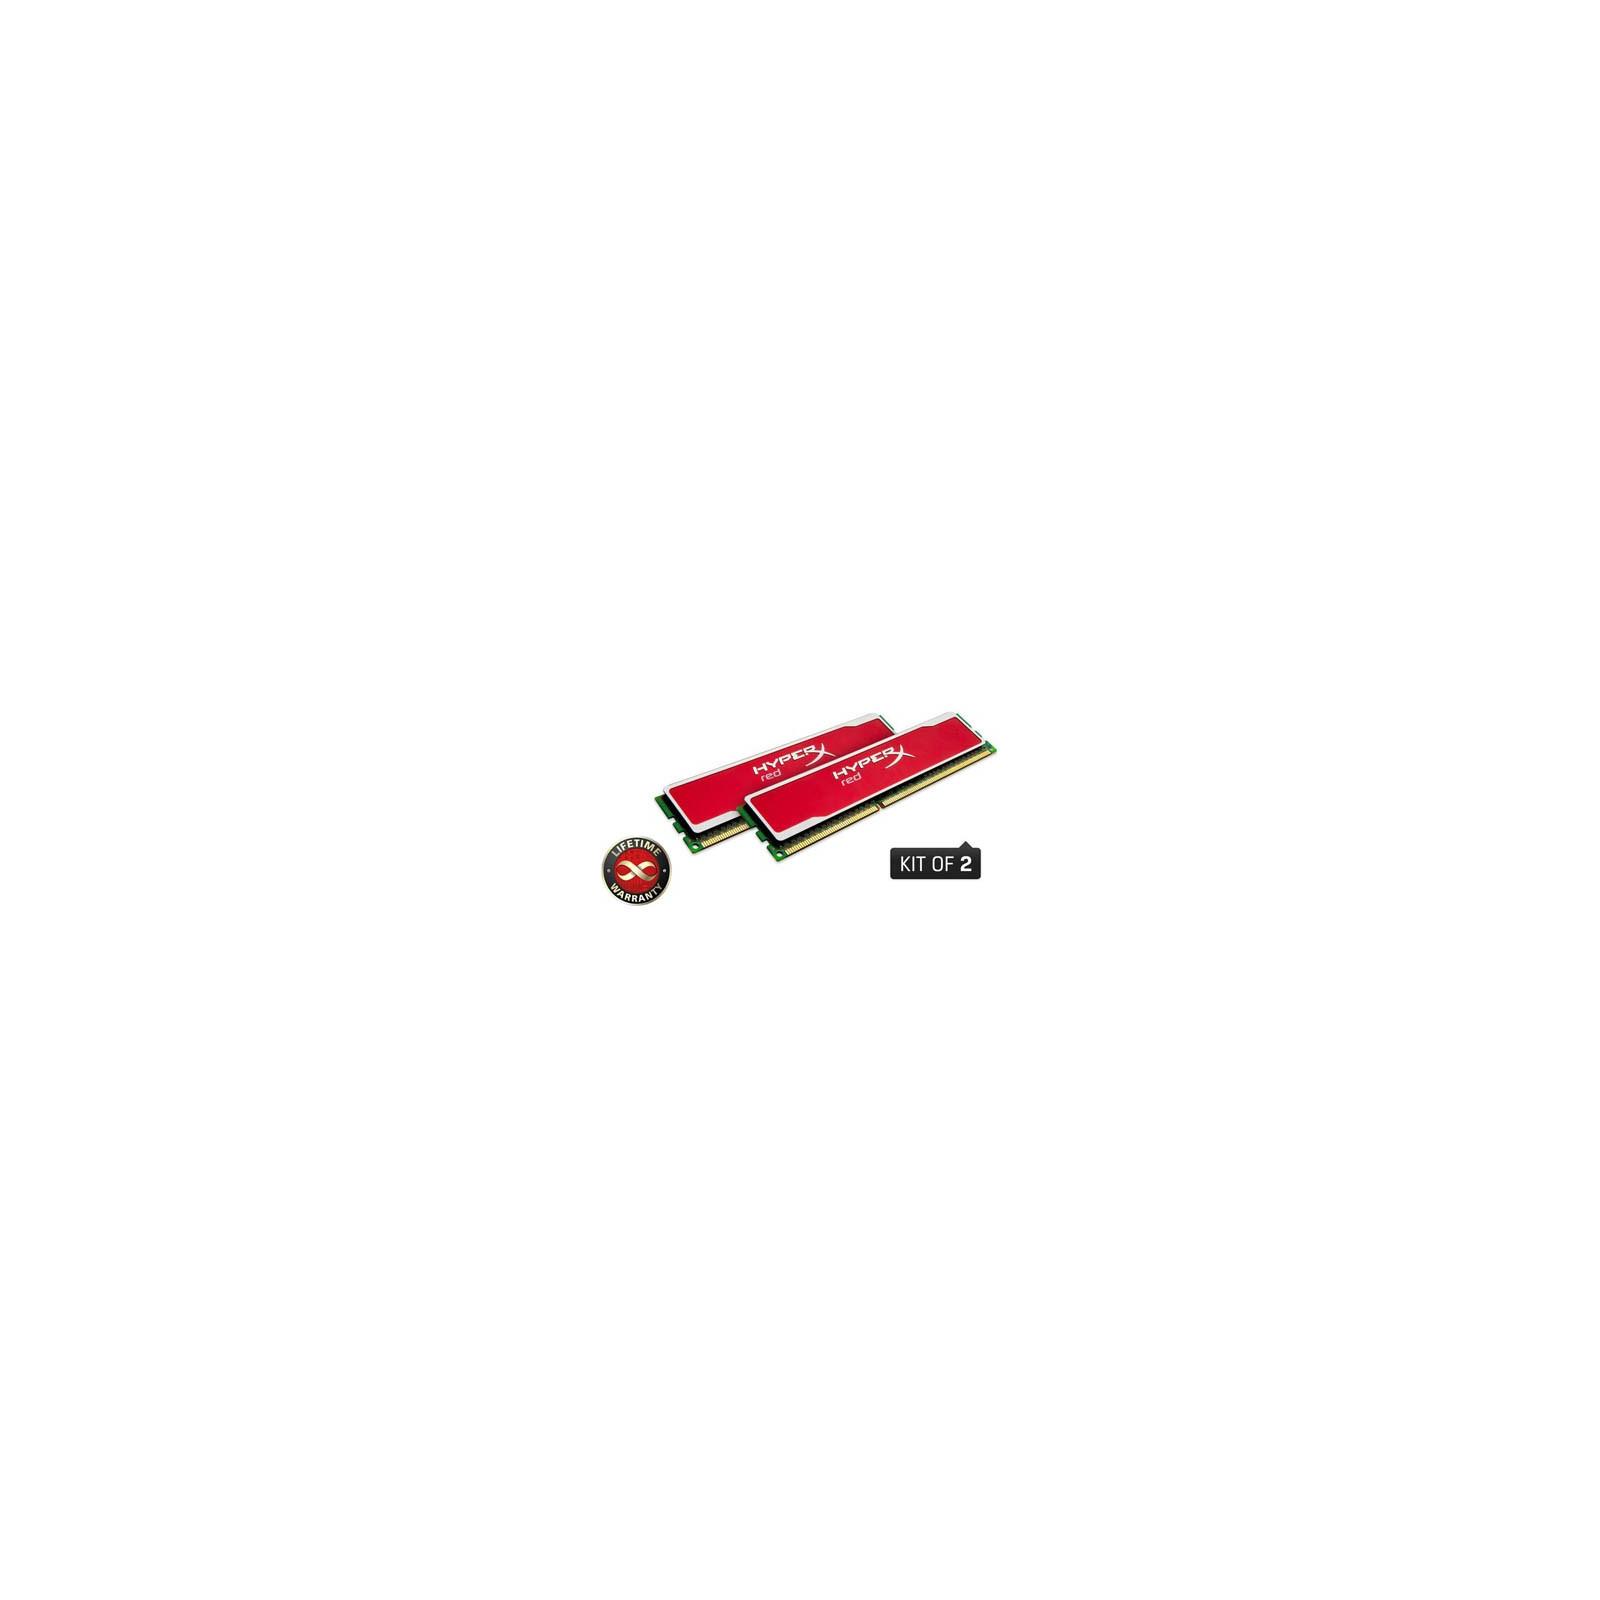 Модуль памяти для компьютера DDR3 8GB (2x4GB) 1600 MHz Kingston (KHX1600C9D3B1RK2/8GX)